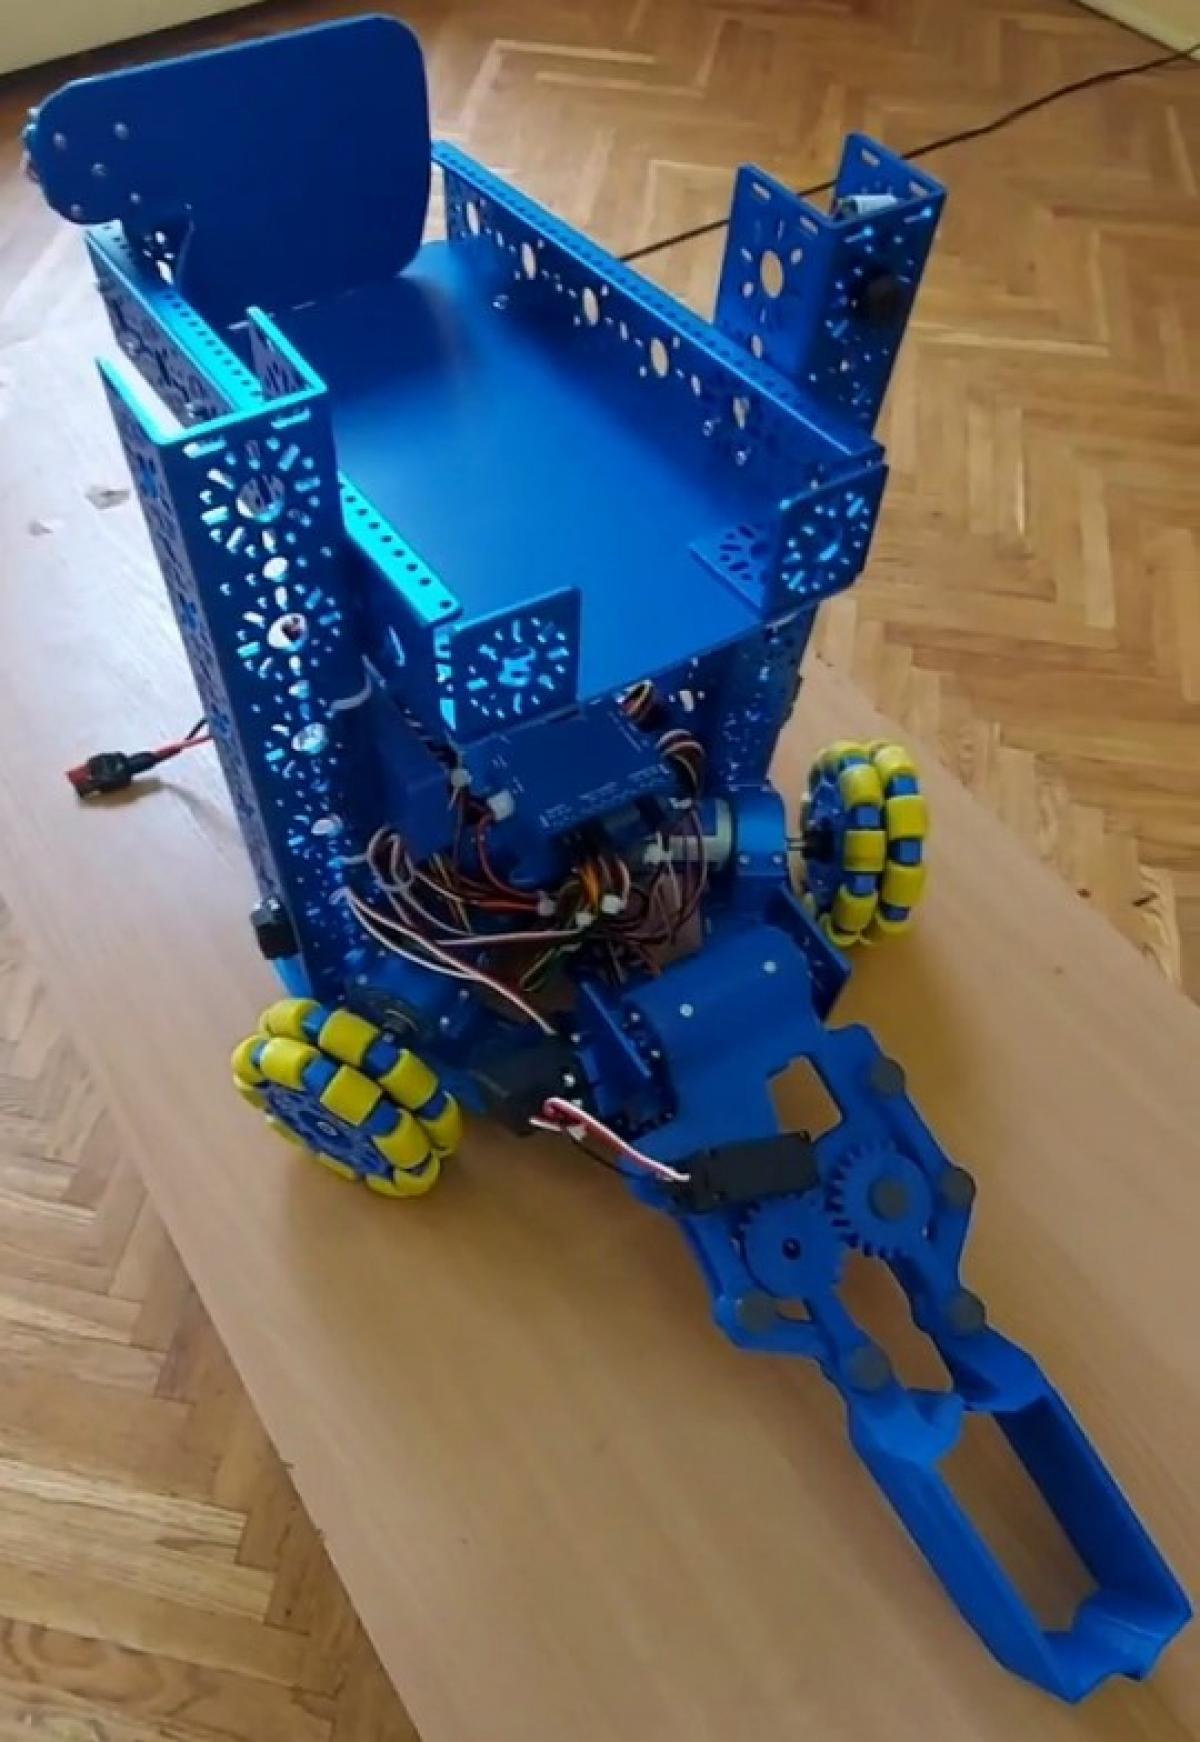 Вид на собранного робота с соревнований. Захватом спереди схватываем контейнер и поднимаем наверх. Сверху расположен бункер для временного хранения отходов по пути в центр переработки